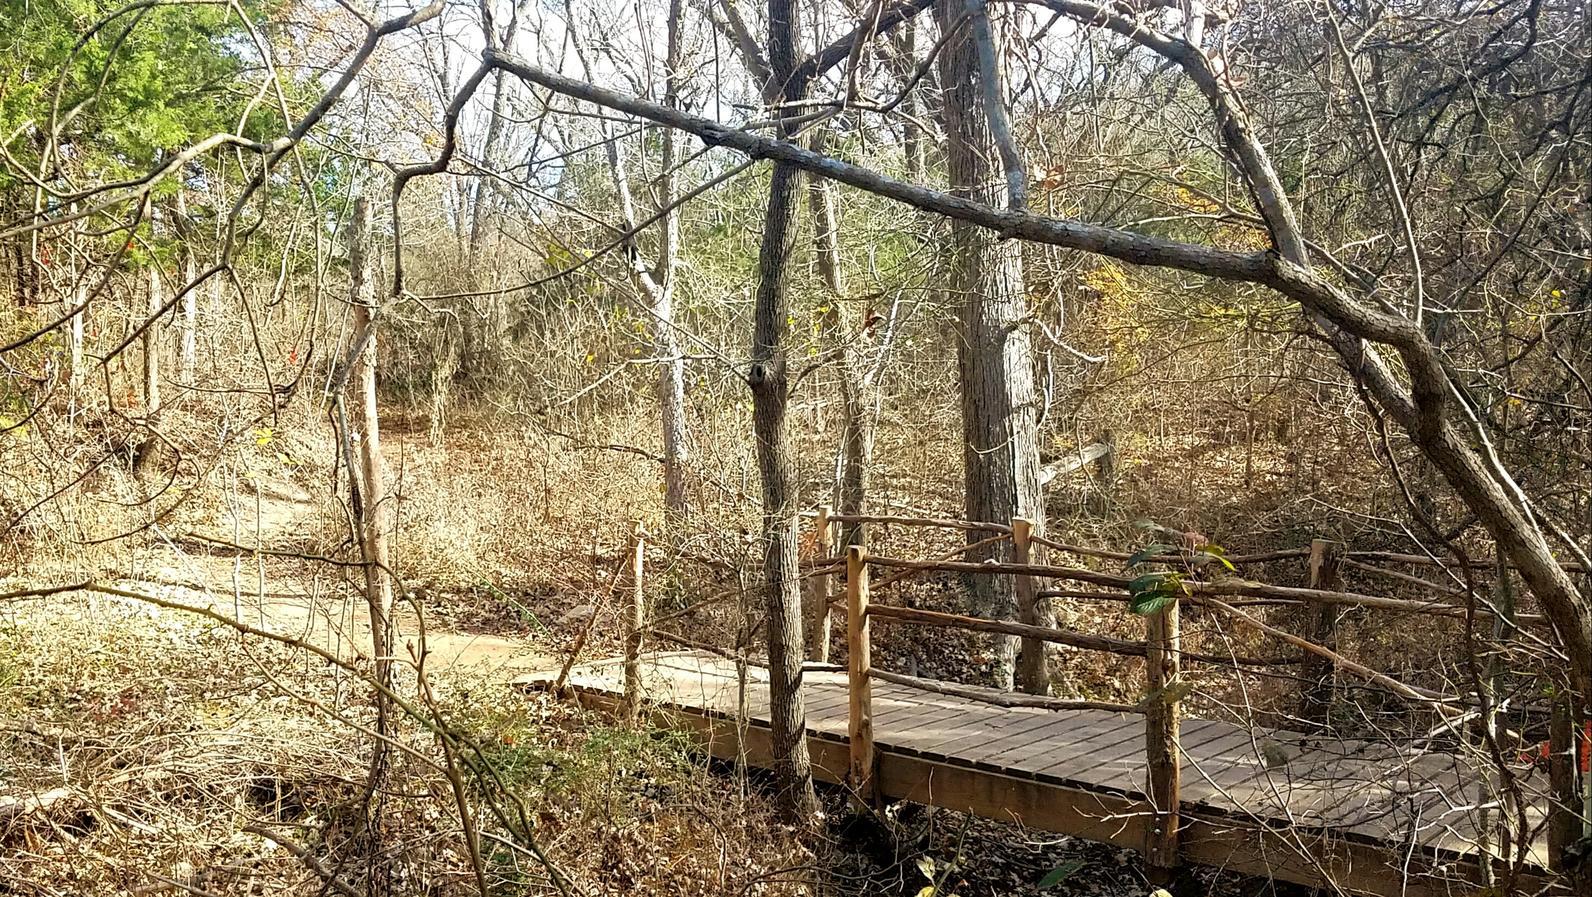 Our trails dogwood canyon audubon center for Dogwood canyon